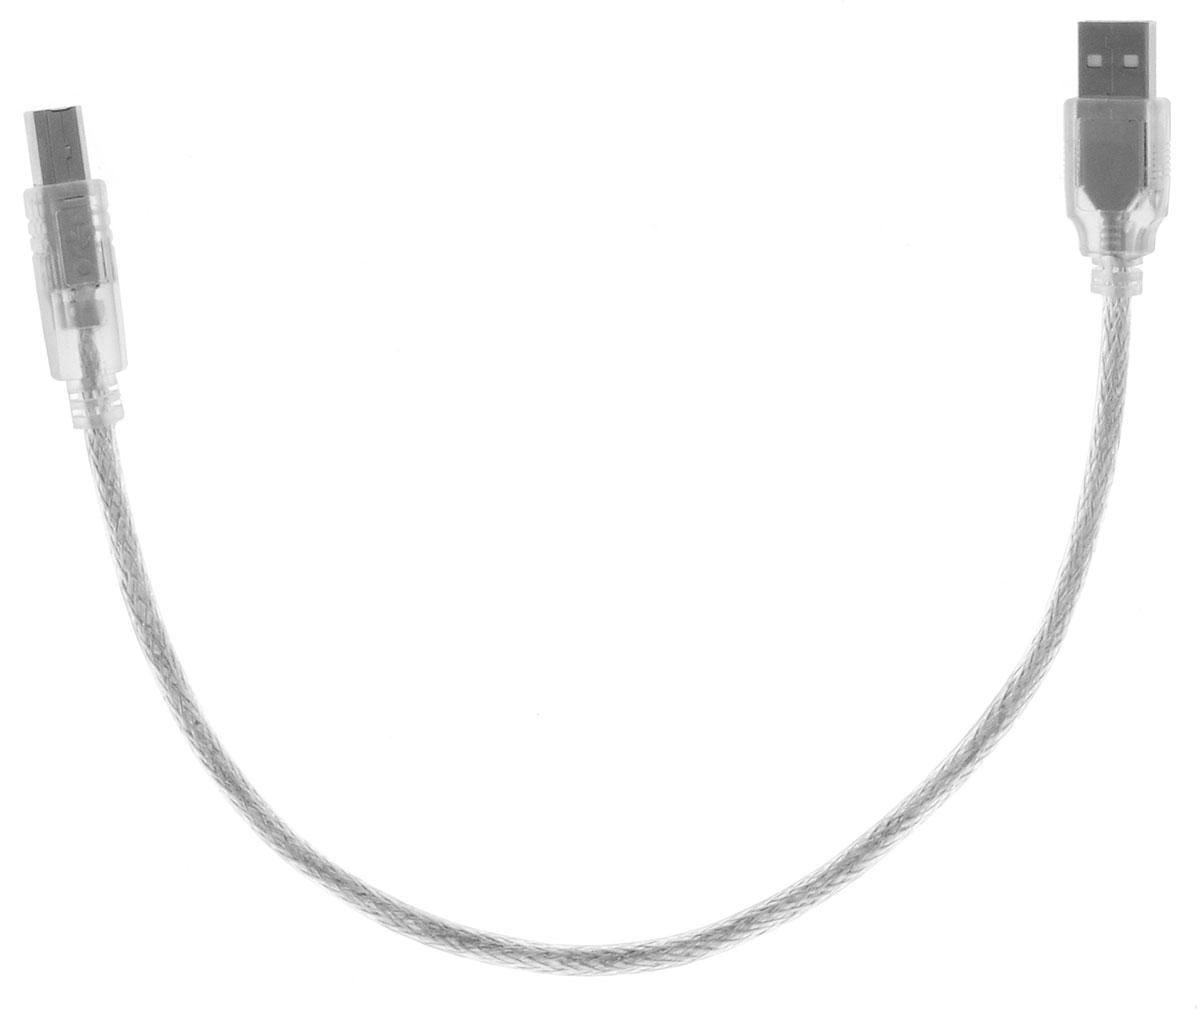 Greenconnect Premium GCR-UPC2M-BD2S, Clear кабель USB 0.3 мGCR-UPC2M-BD2S-0.3mКабель Greenconnect Premium GCR-UPC2M-BD2S используется для подключения к компьютеру различных устройств с разъемом USB тип B, например, принтер, камеры, сканер, МФУ. Надежно работает со всеми моделями HP. Экранирование кабеля позволит защитить сигнал при передаче от влияния внешних полей, способных создать помехи. Пропускная способность интерфейса: USB 2.0 до 480 Мбит/с Тип оболочки: PVC (ПВХ)